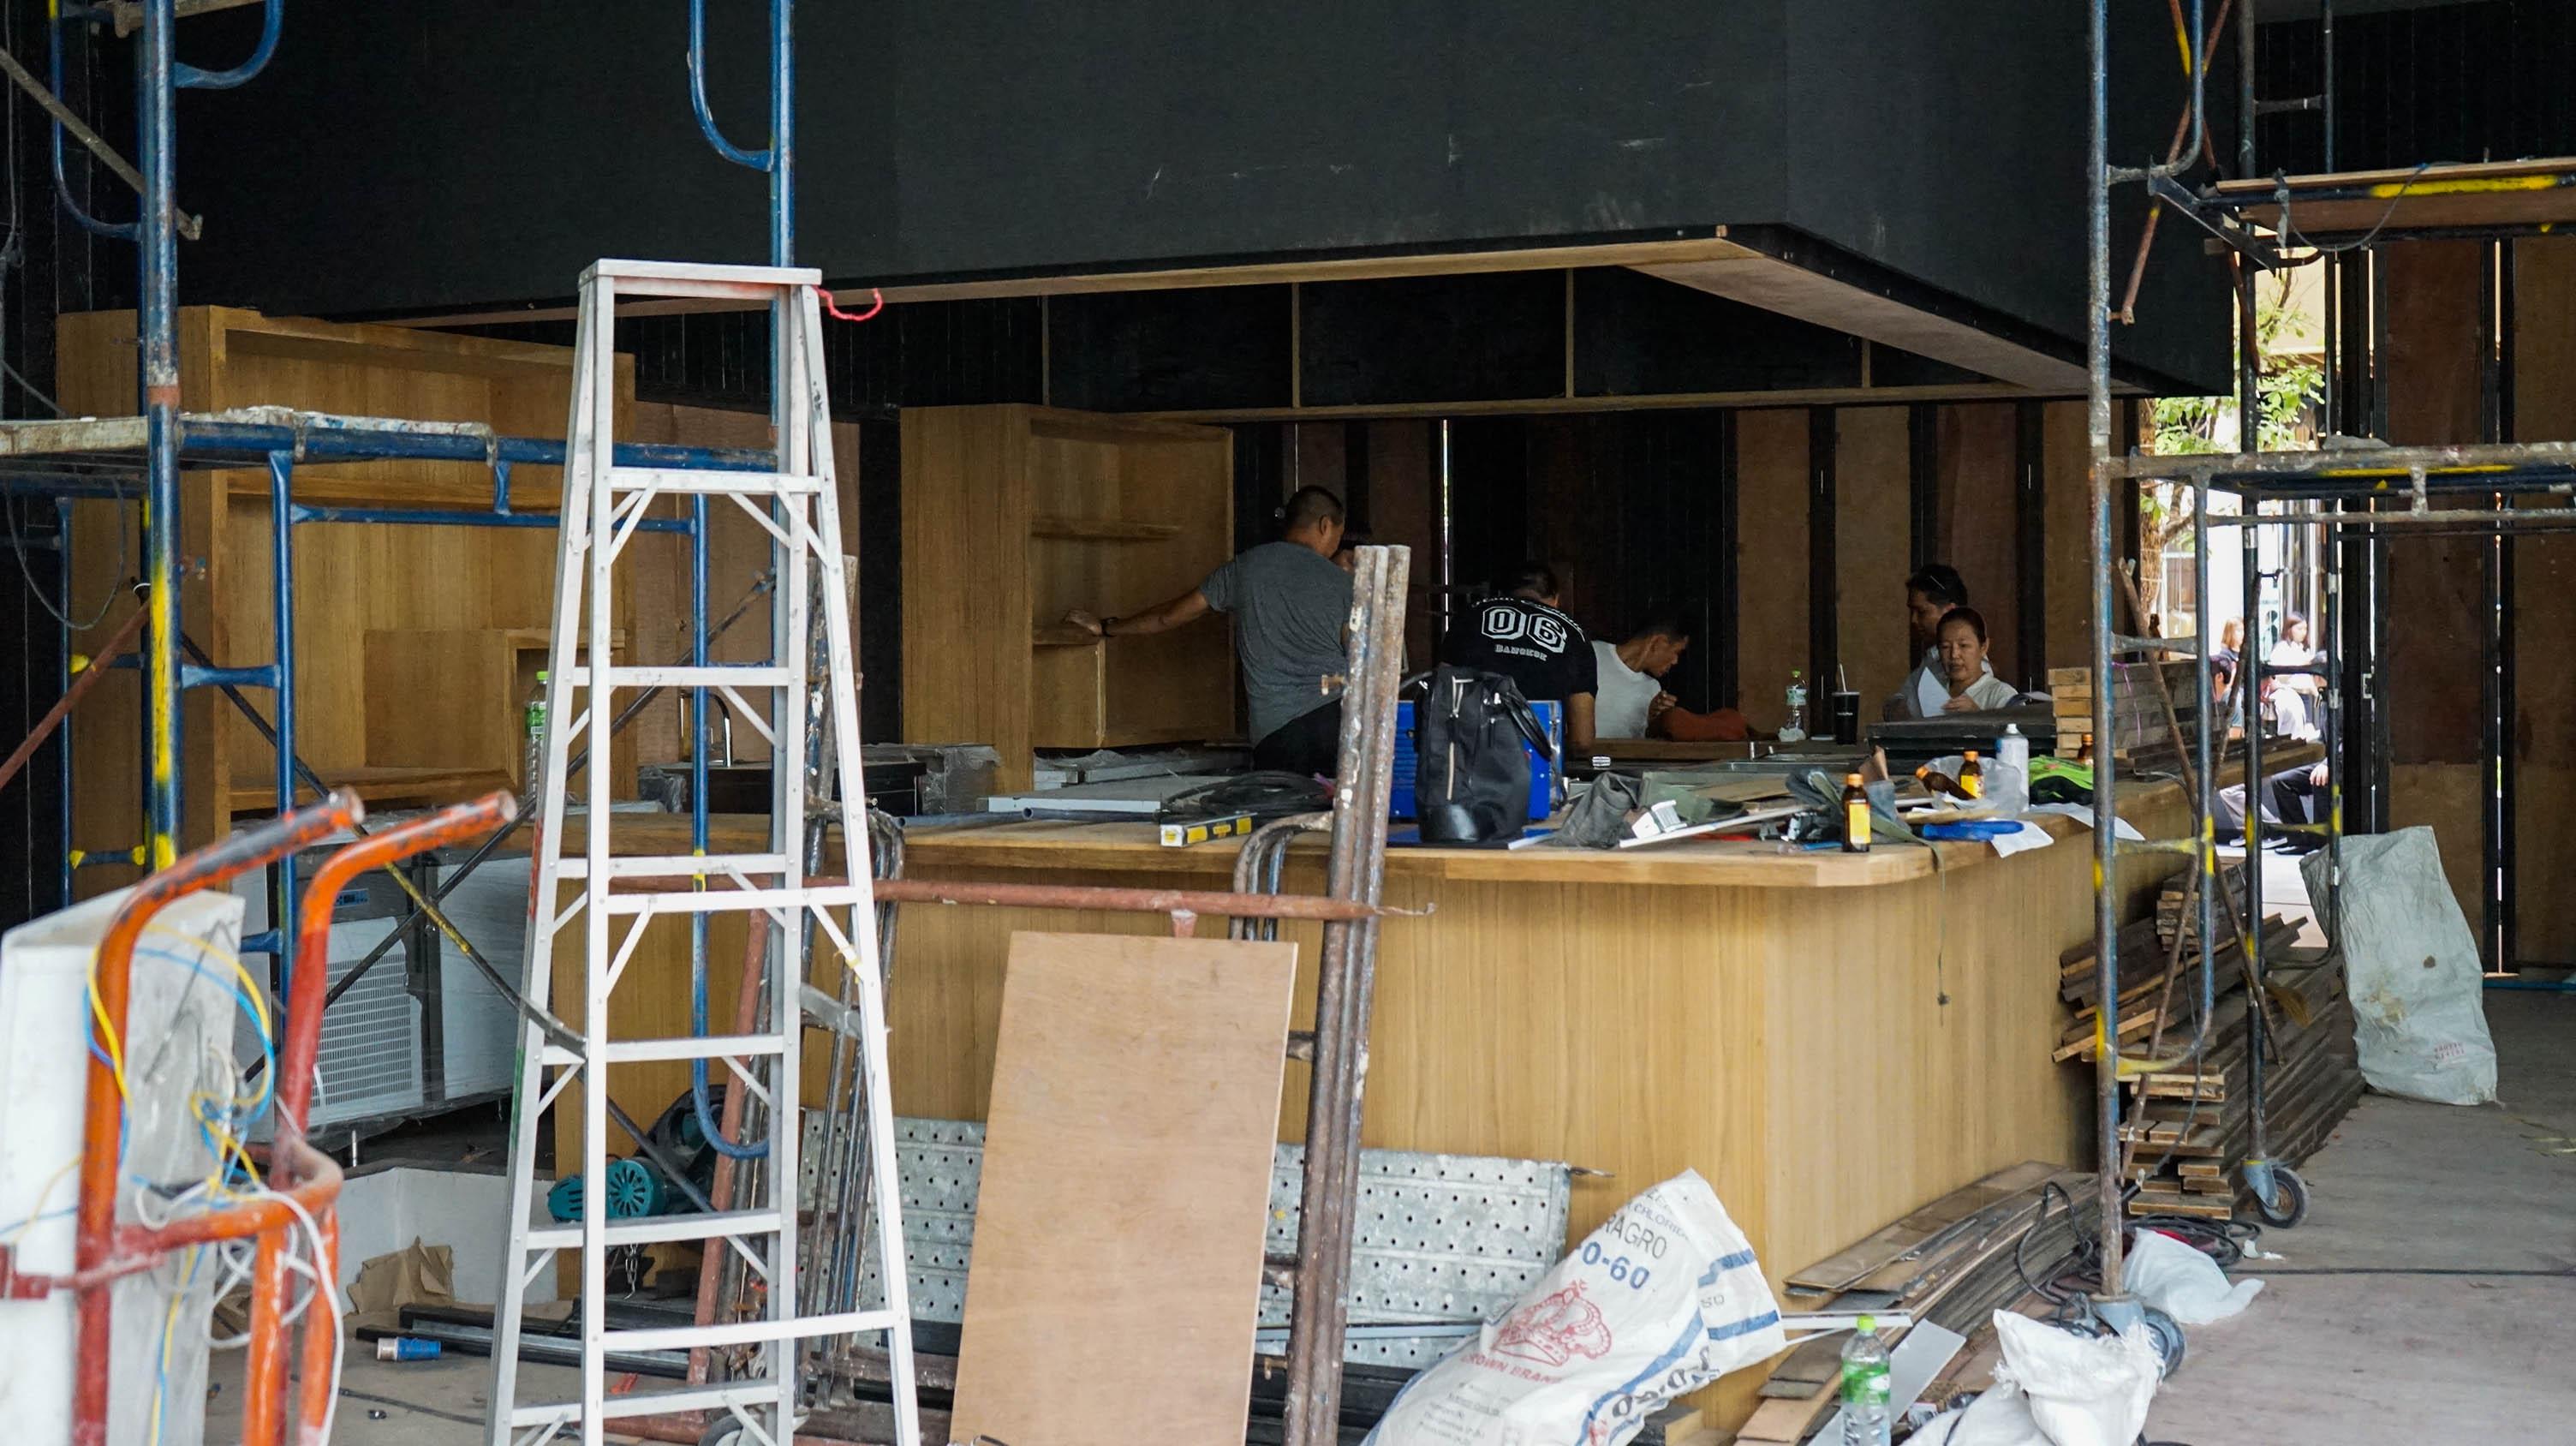 10Design hyde&seek peek a boo interior design construction 02